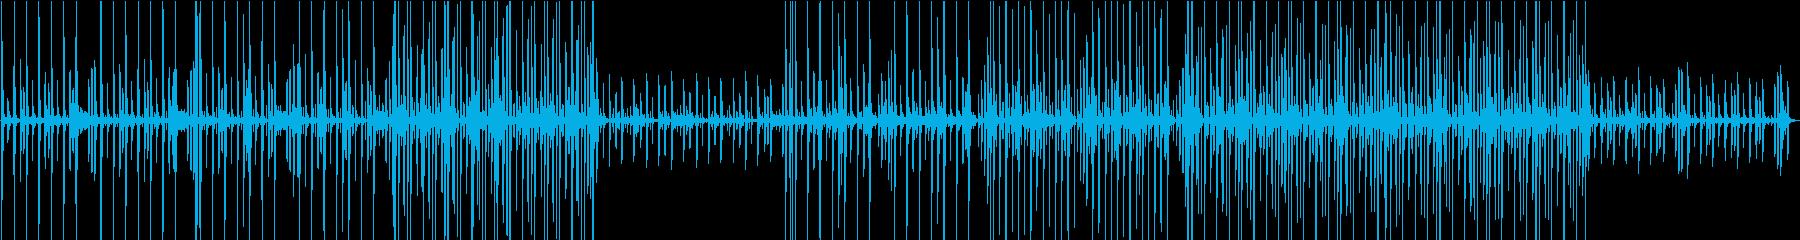 ほのぼの・気分が良いときのBGMの再生済みの波形